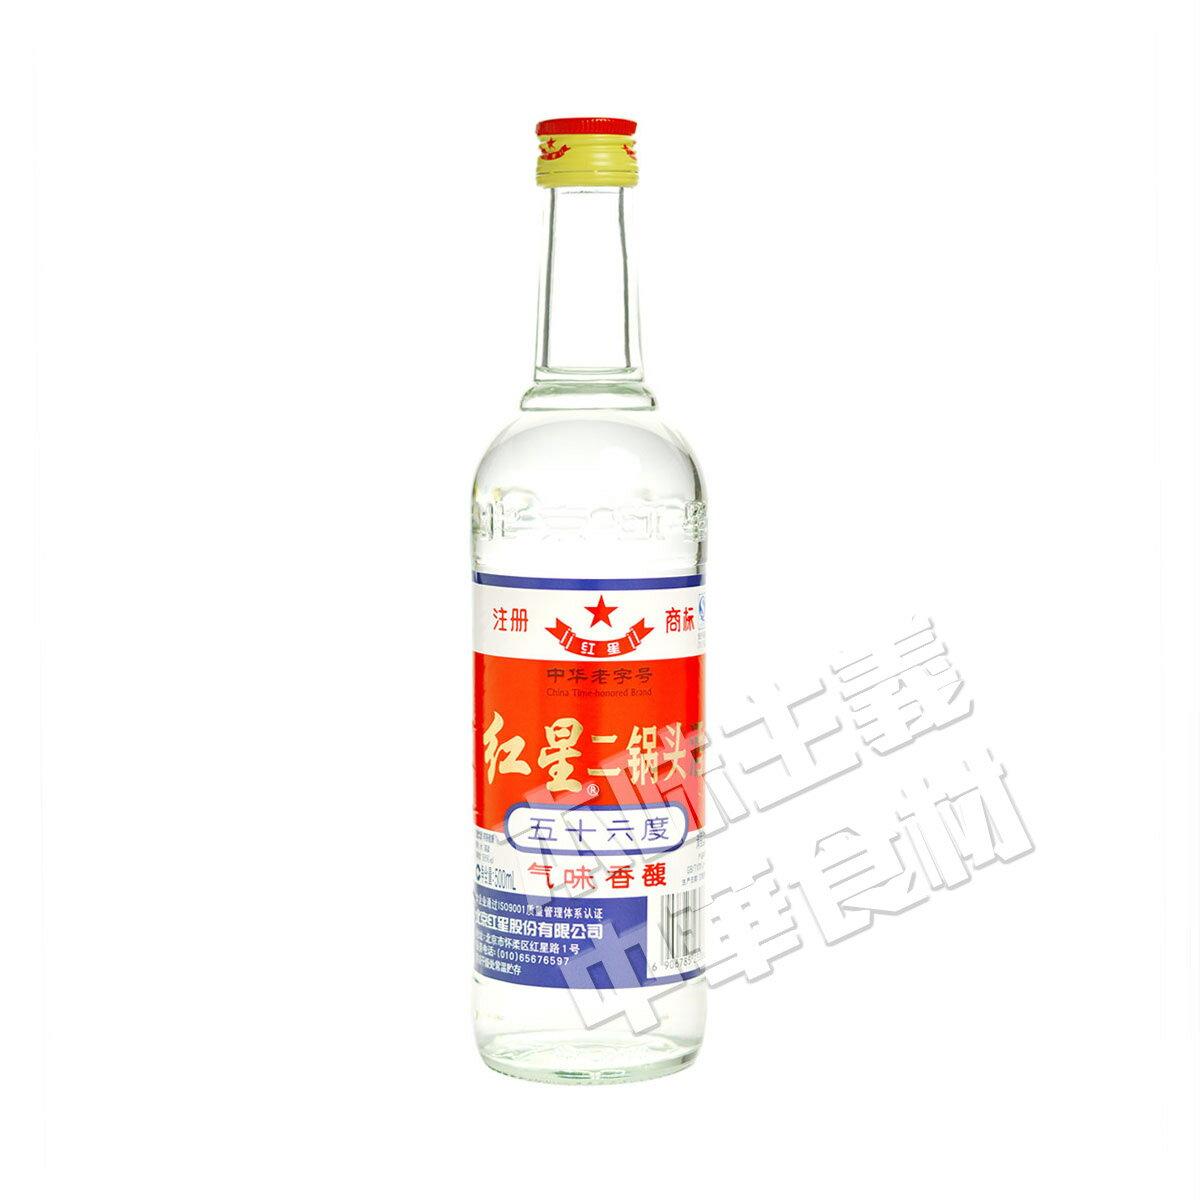 正規品北京紅星二鍋頭 (紅高粱アルコードシュ焼酎)白瓶56度 中国名物・中華料理店超人気商品・本場味大好評